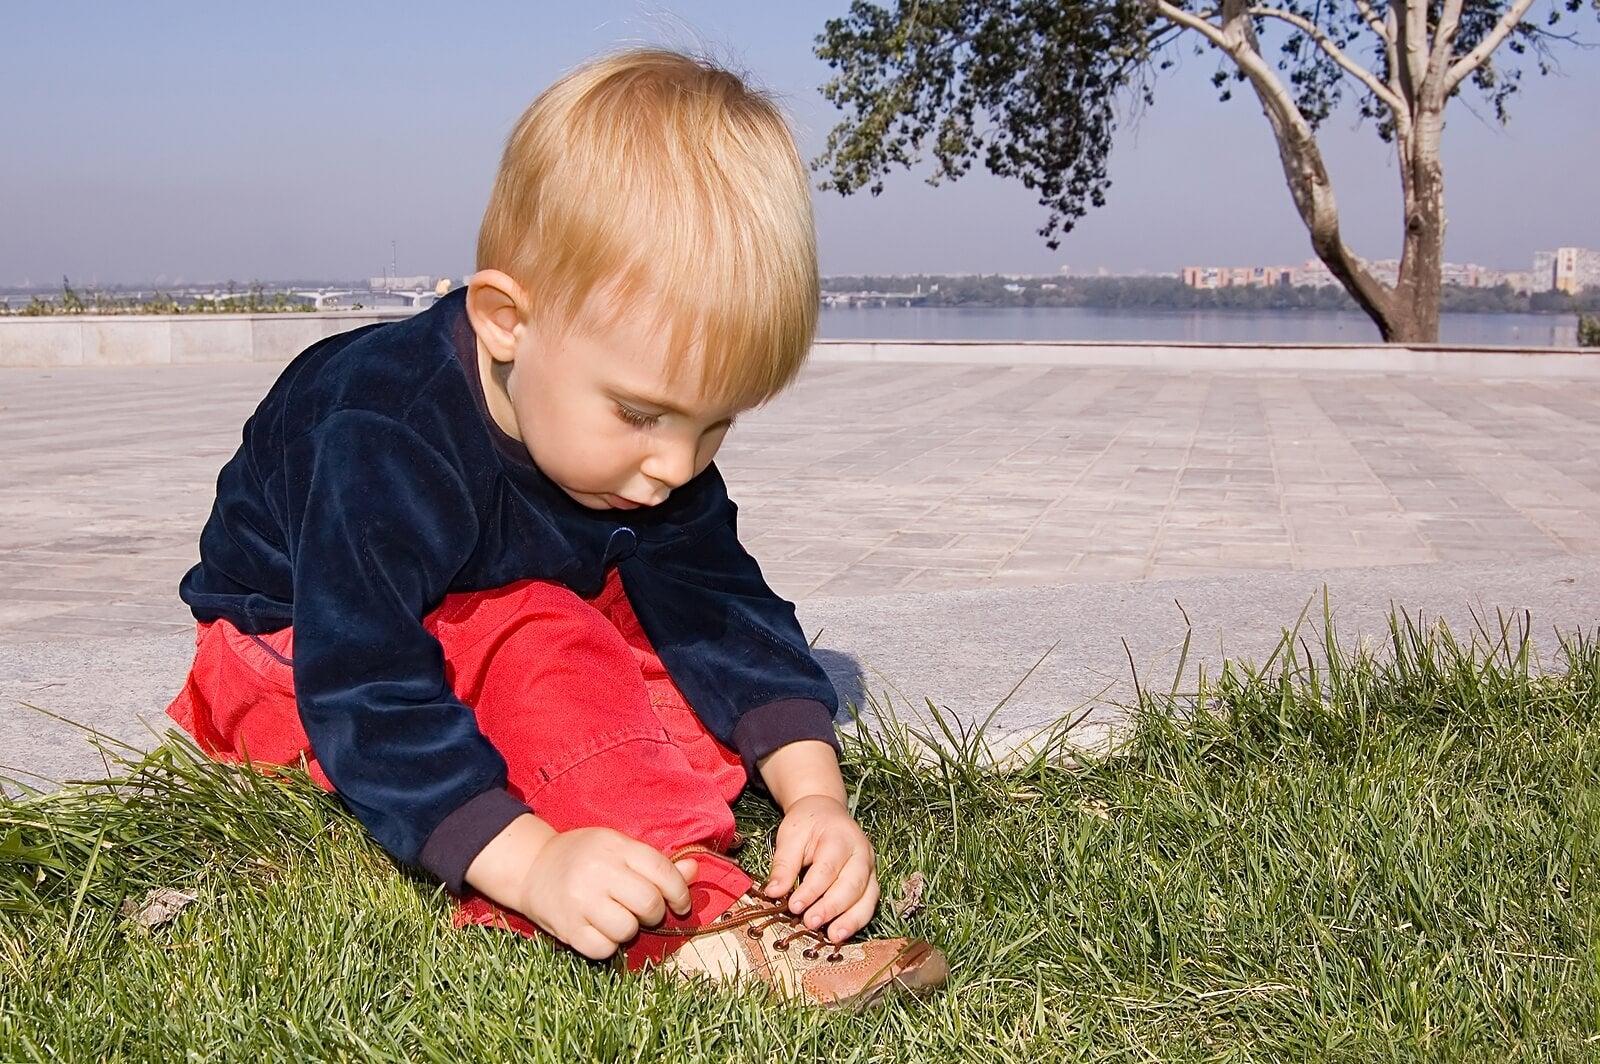 Niño aprendiendo a atarse los cordones de los zapatos gracias a la autogestión del aprendizaje.